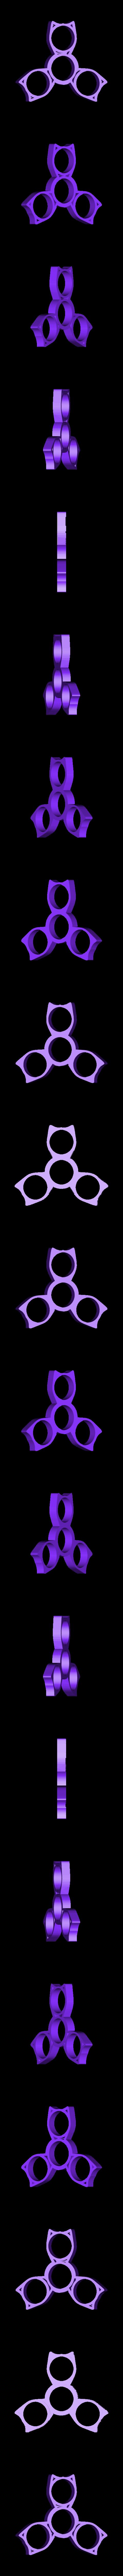 Spinner_10_simple_cat.stl Télécharger fichier STL gratuit Spinner Collection • Plan à imprimer en 3D, squiqui